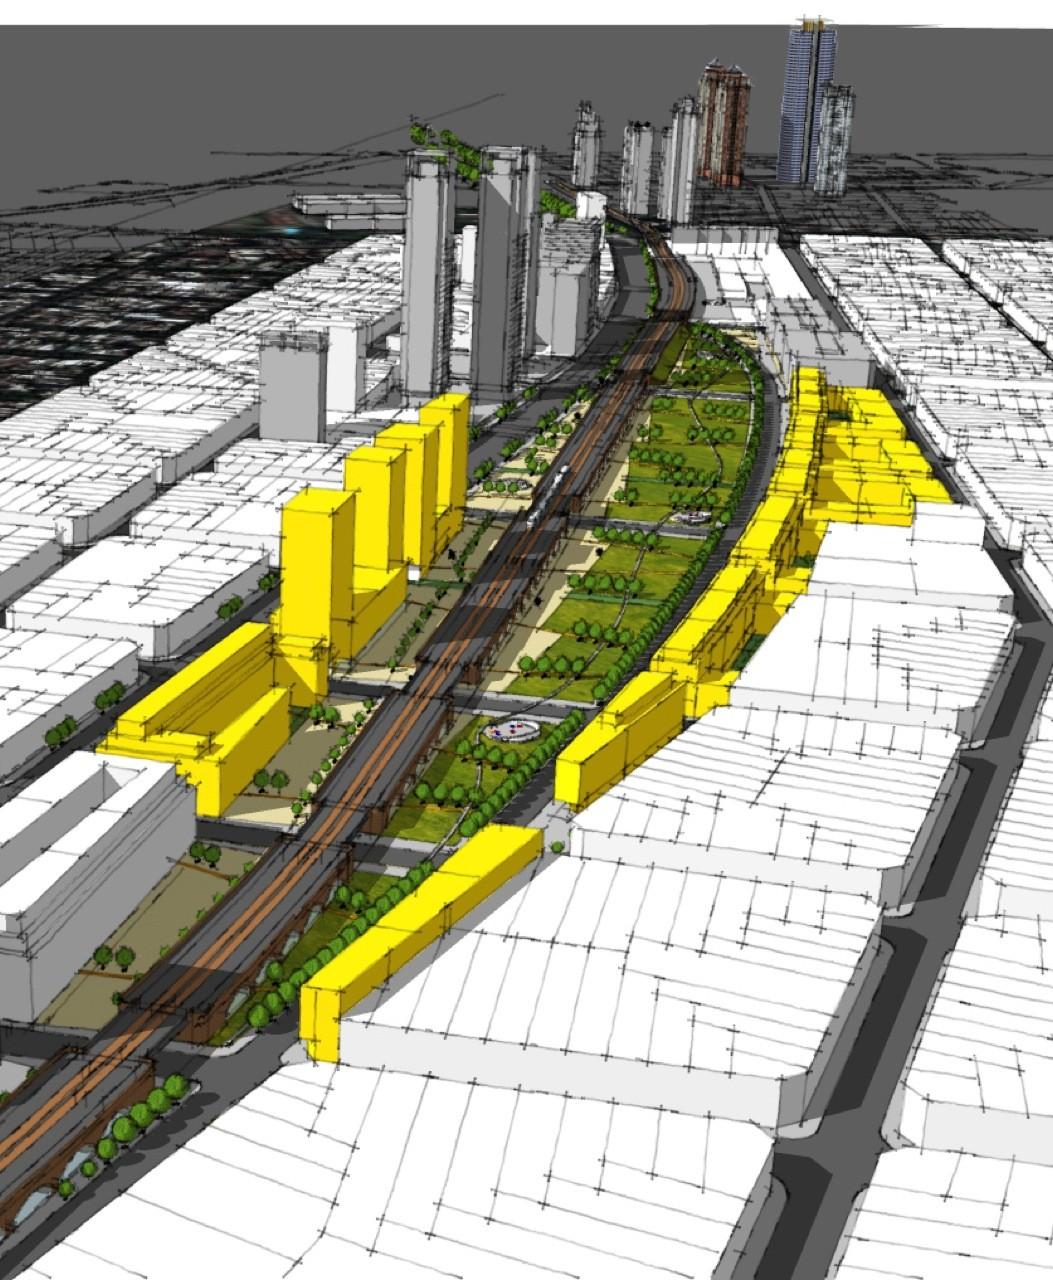 Galeria de primeiro lugar no concurso praia ferrovi ria de for Equipamiento urbano arquitectura pdf